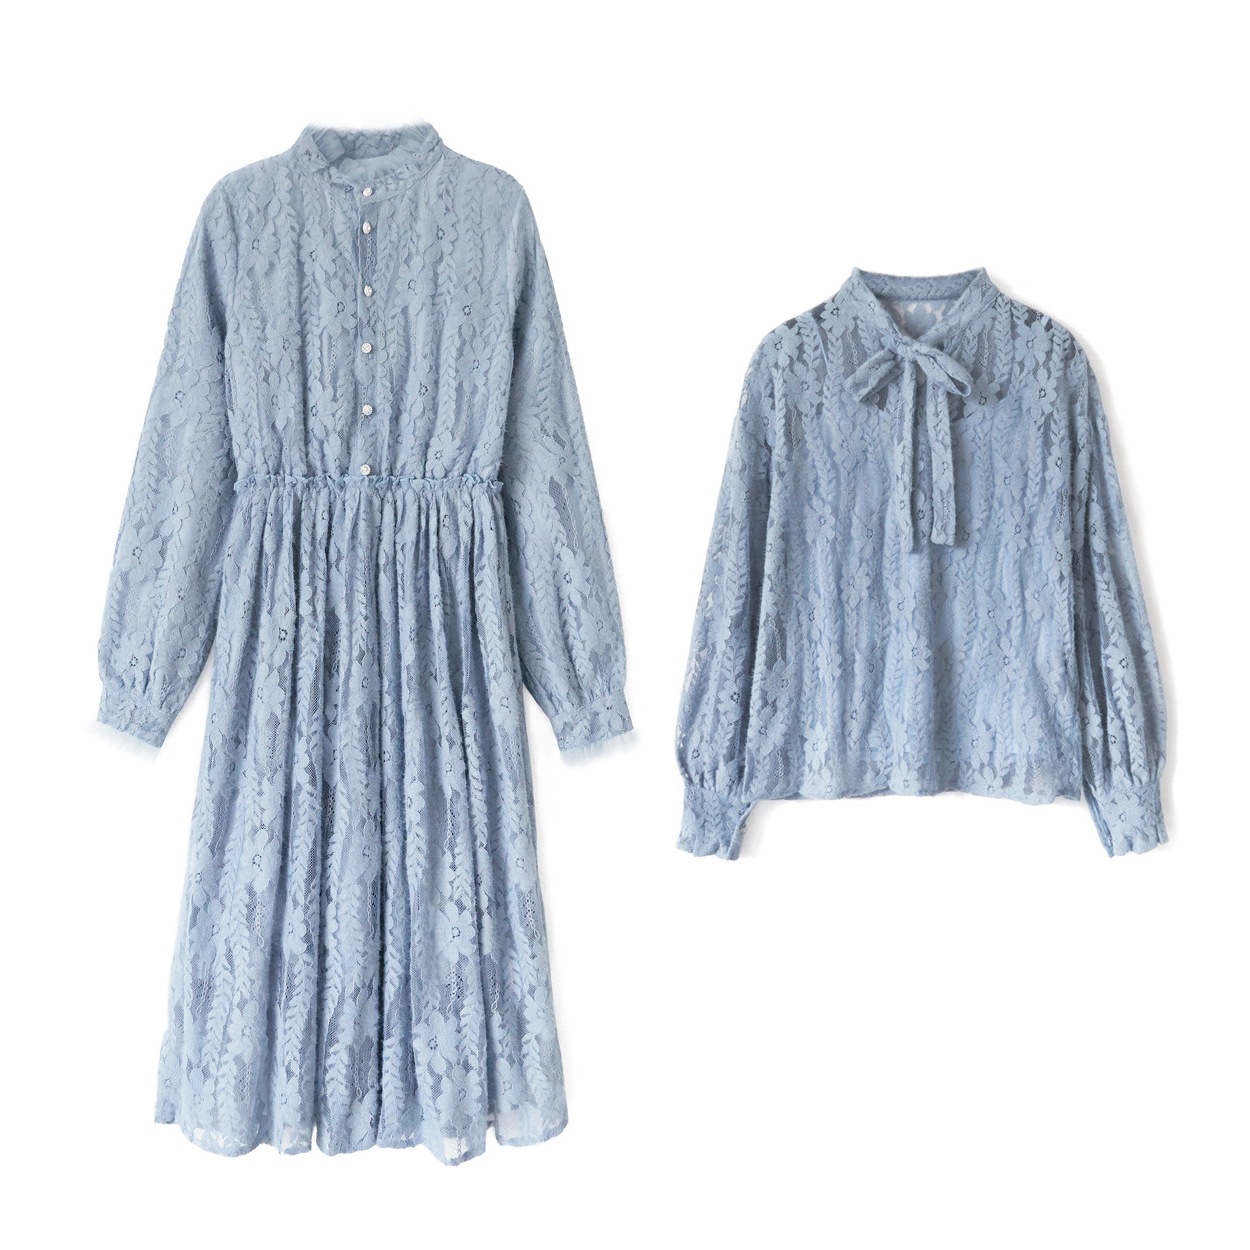 花栗鼠小姐 搭外套超美立领绒感蕾丝连衣裙女秋冬中长款显瘦裙子